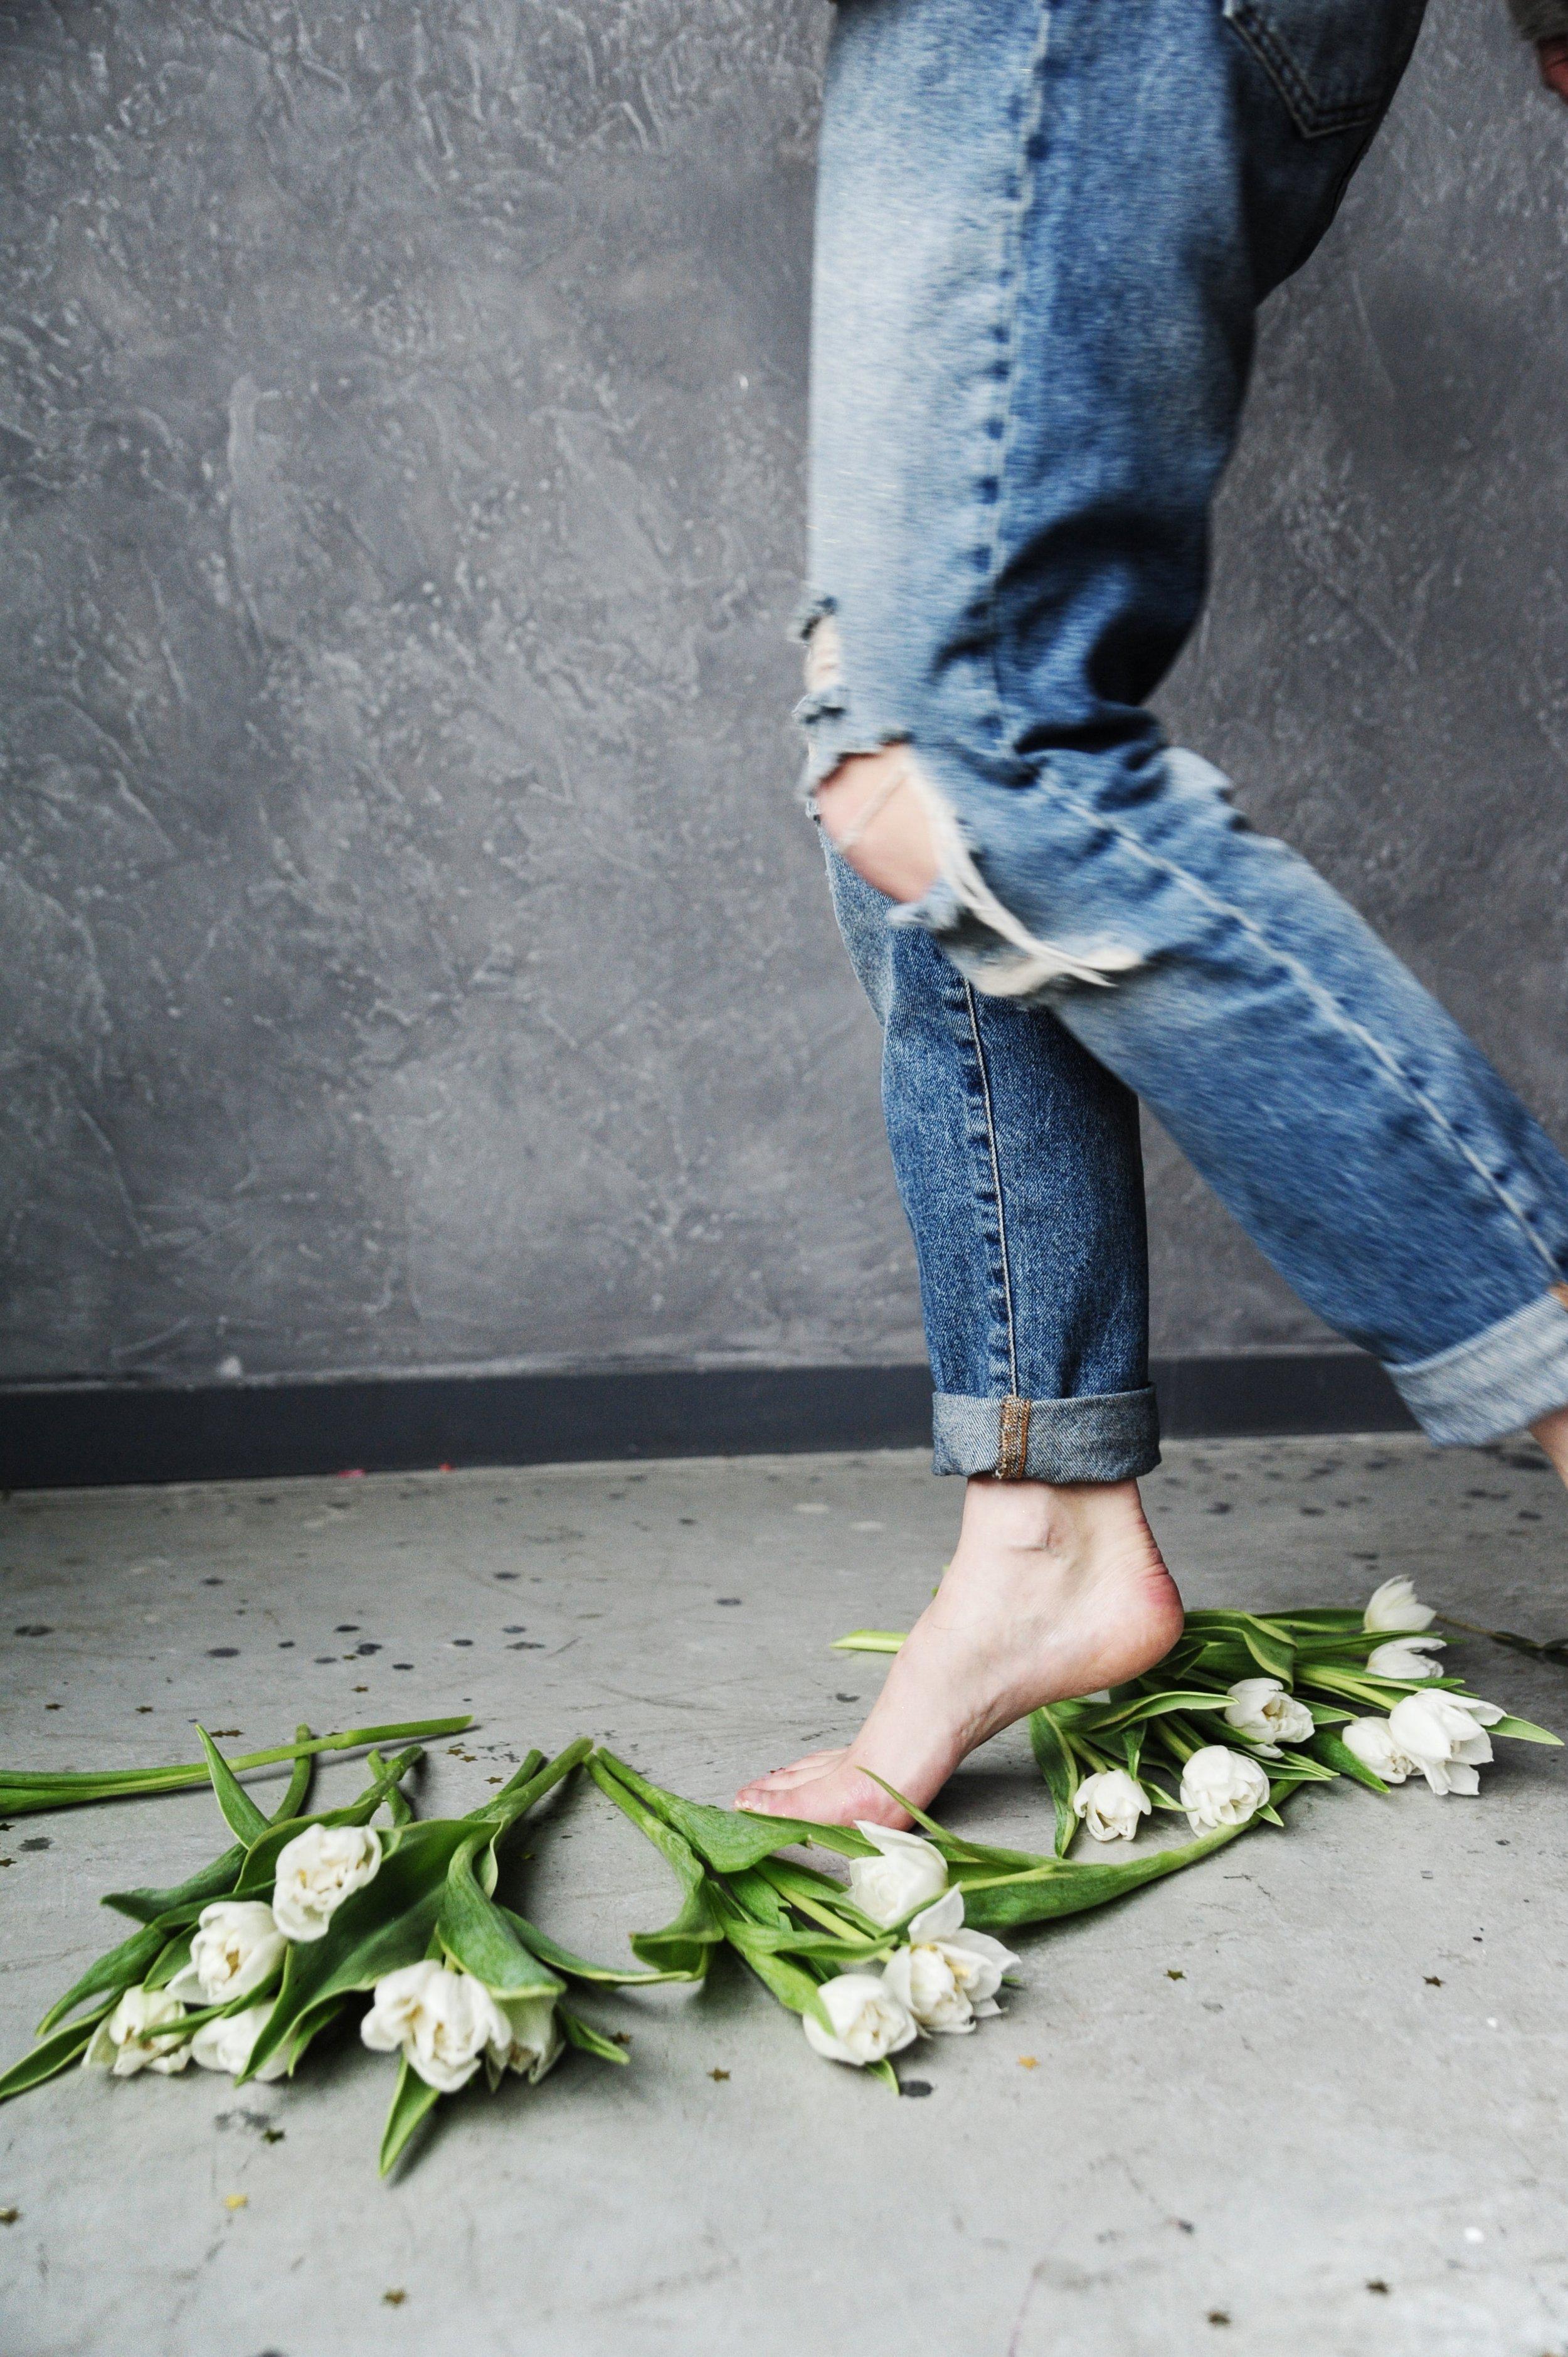 adult-denim-pants-flowers-709812.jpg